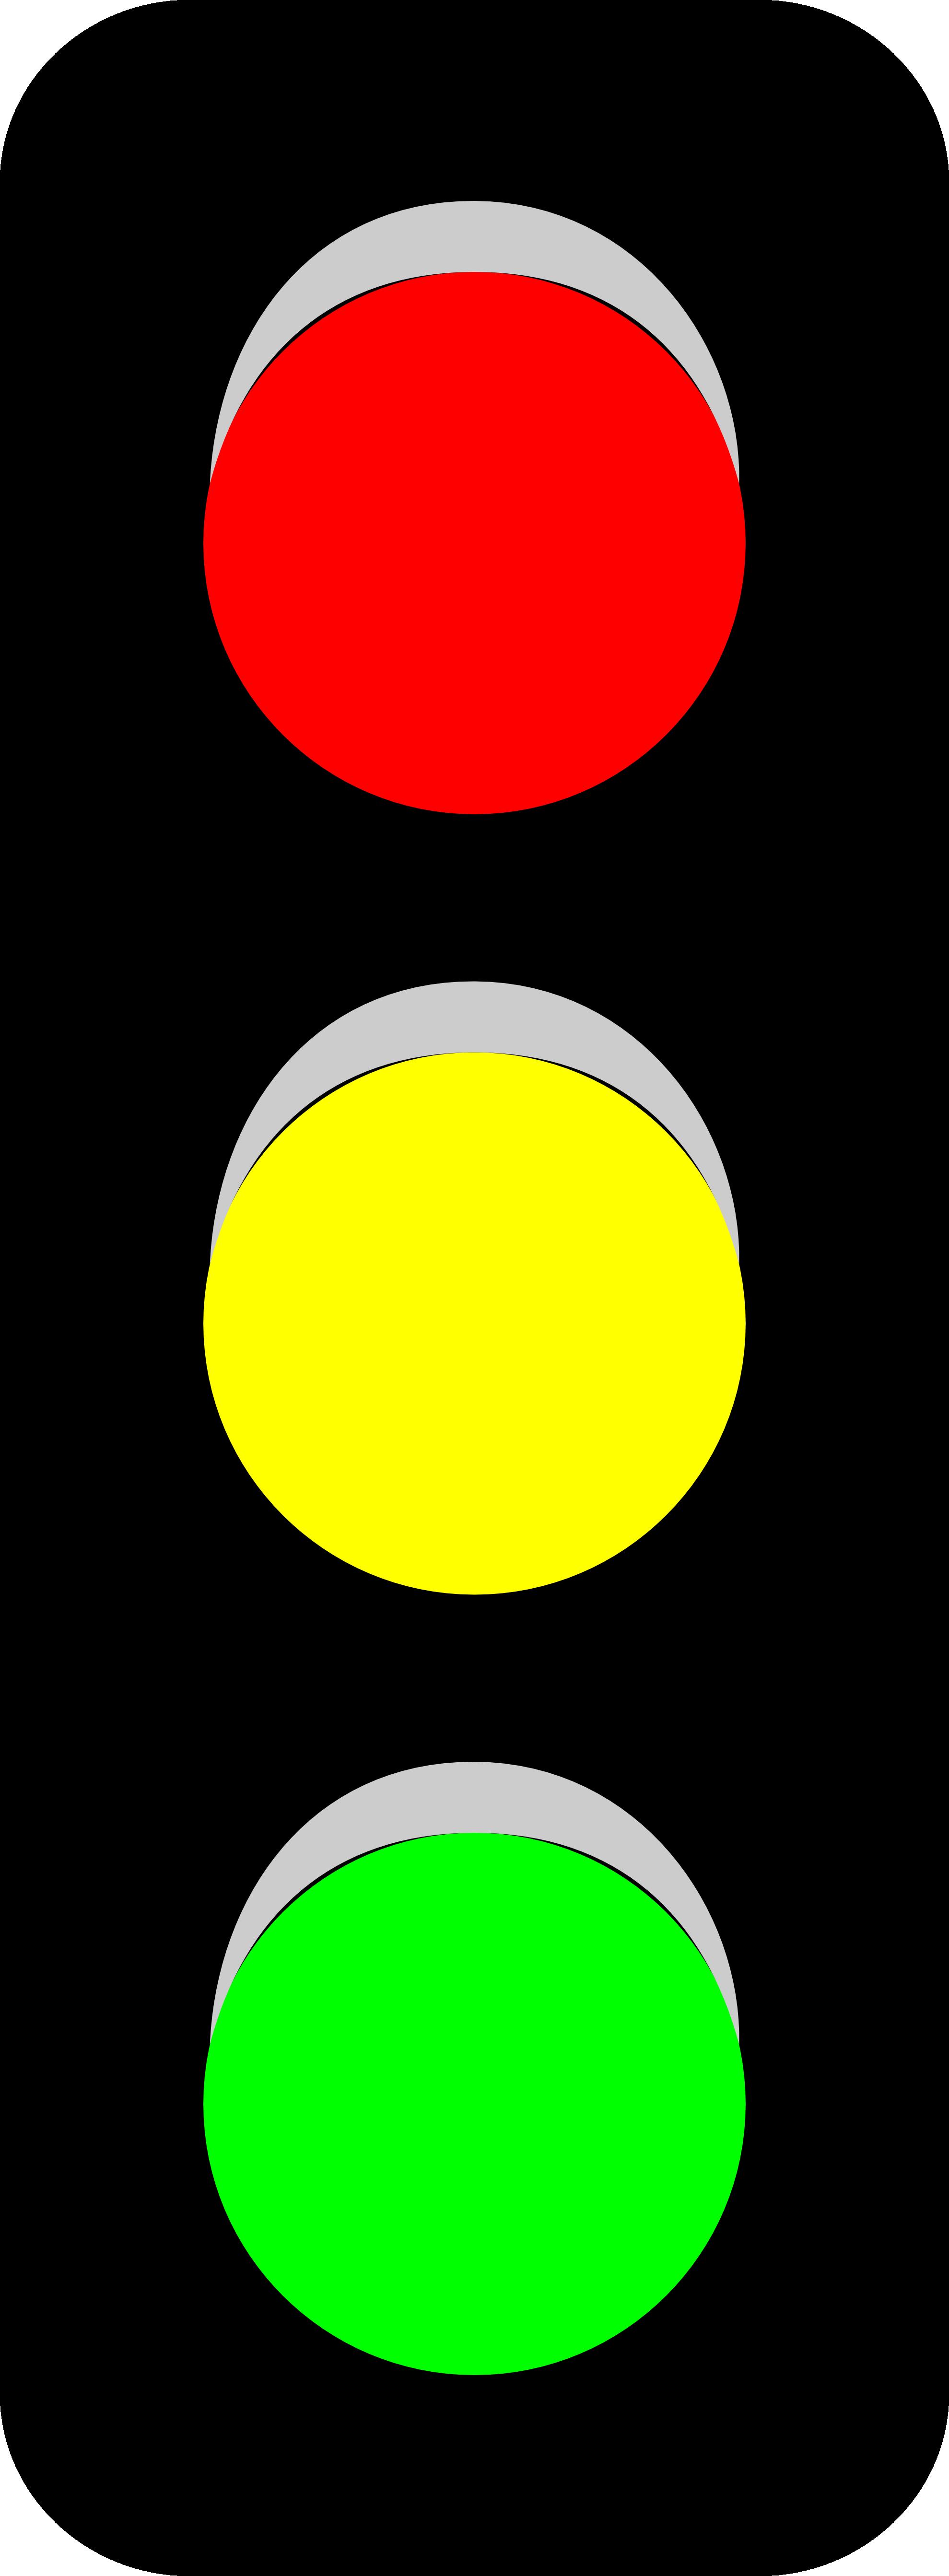 Traffic Light Clip Art - Clipart library-Traffic Light Clip Art - Clipart library-12